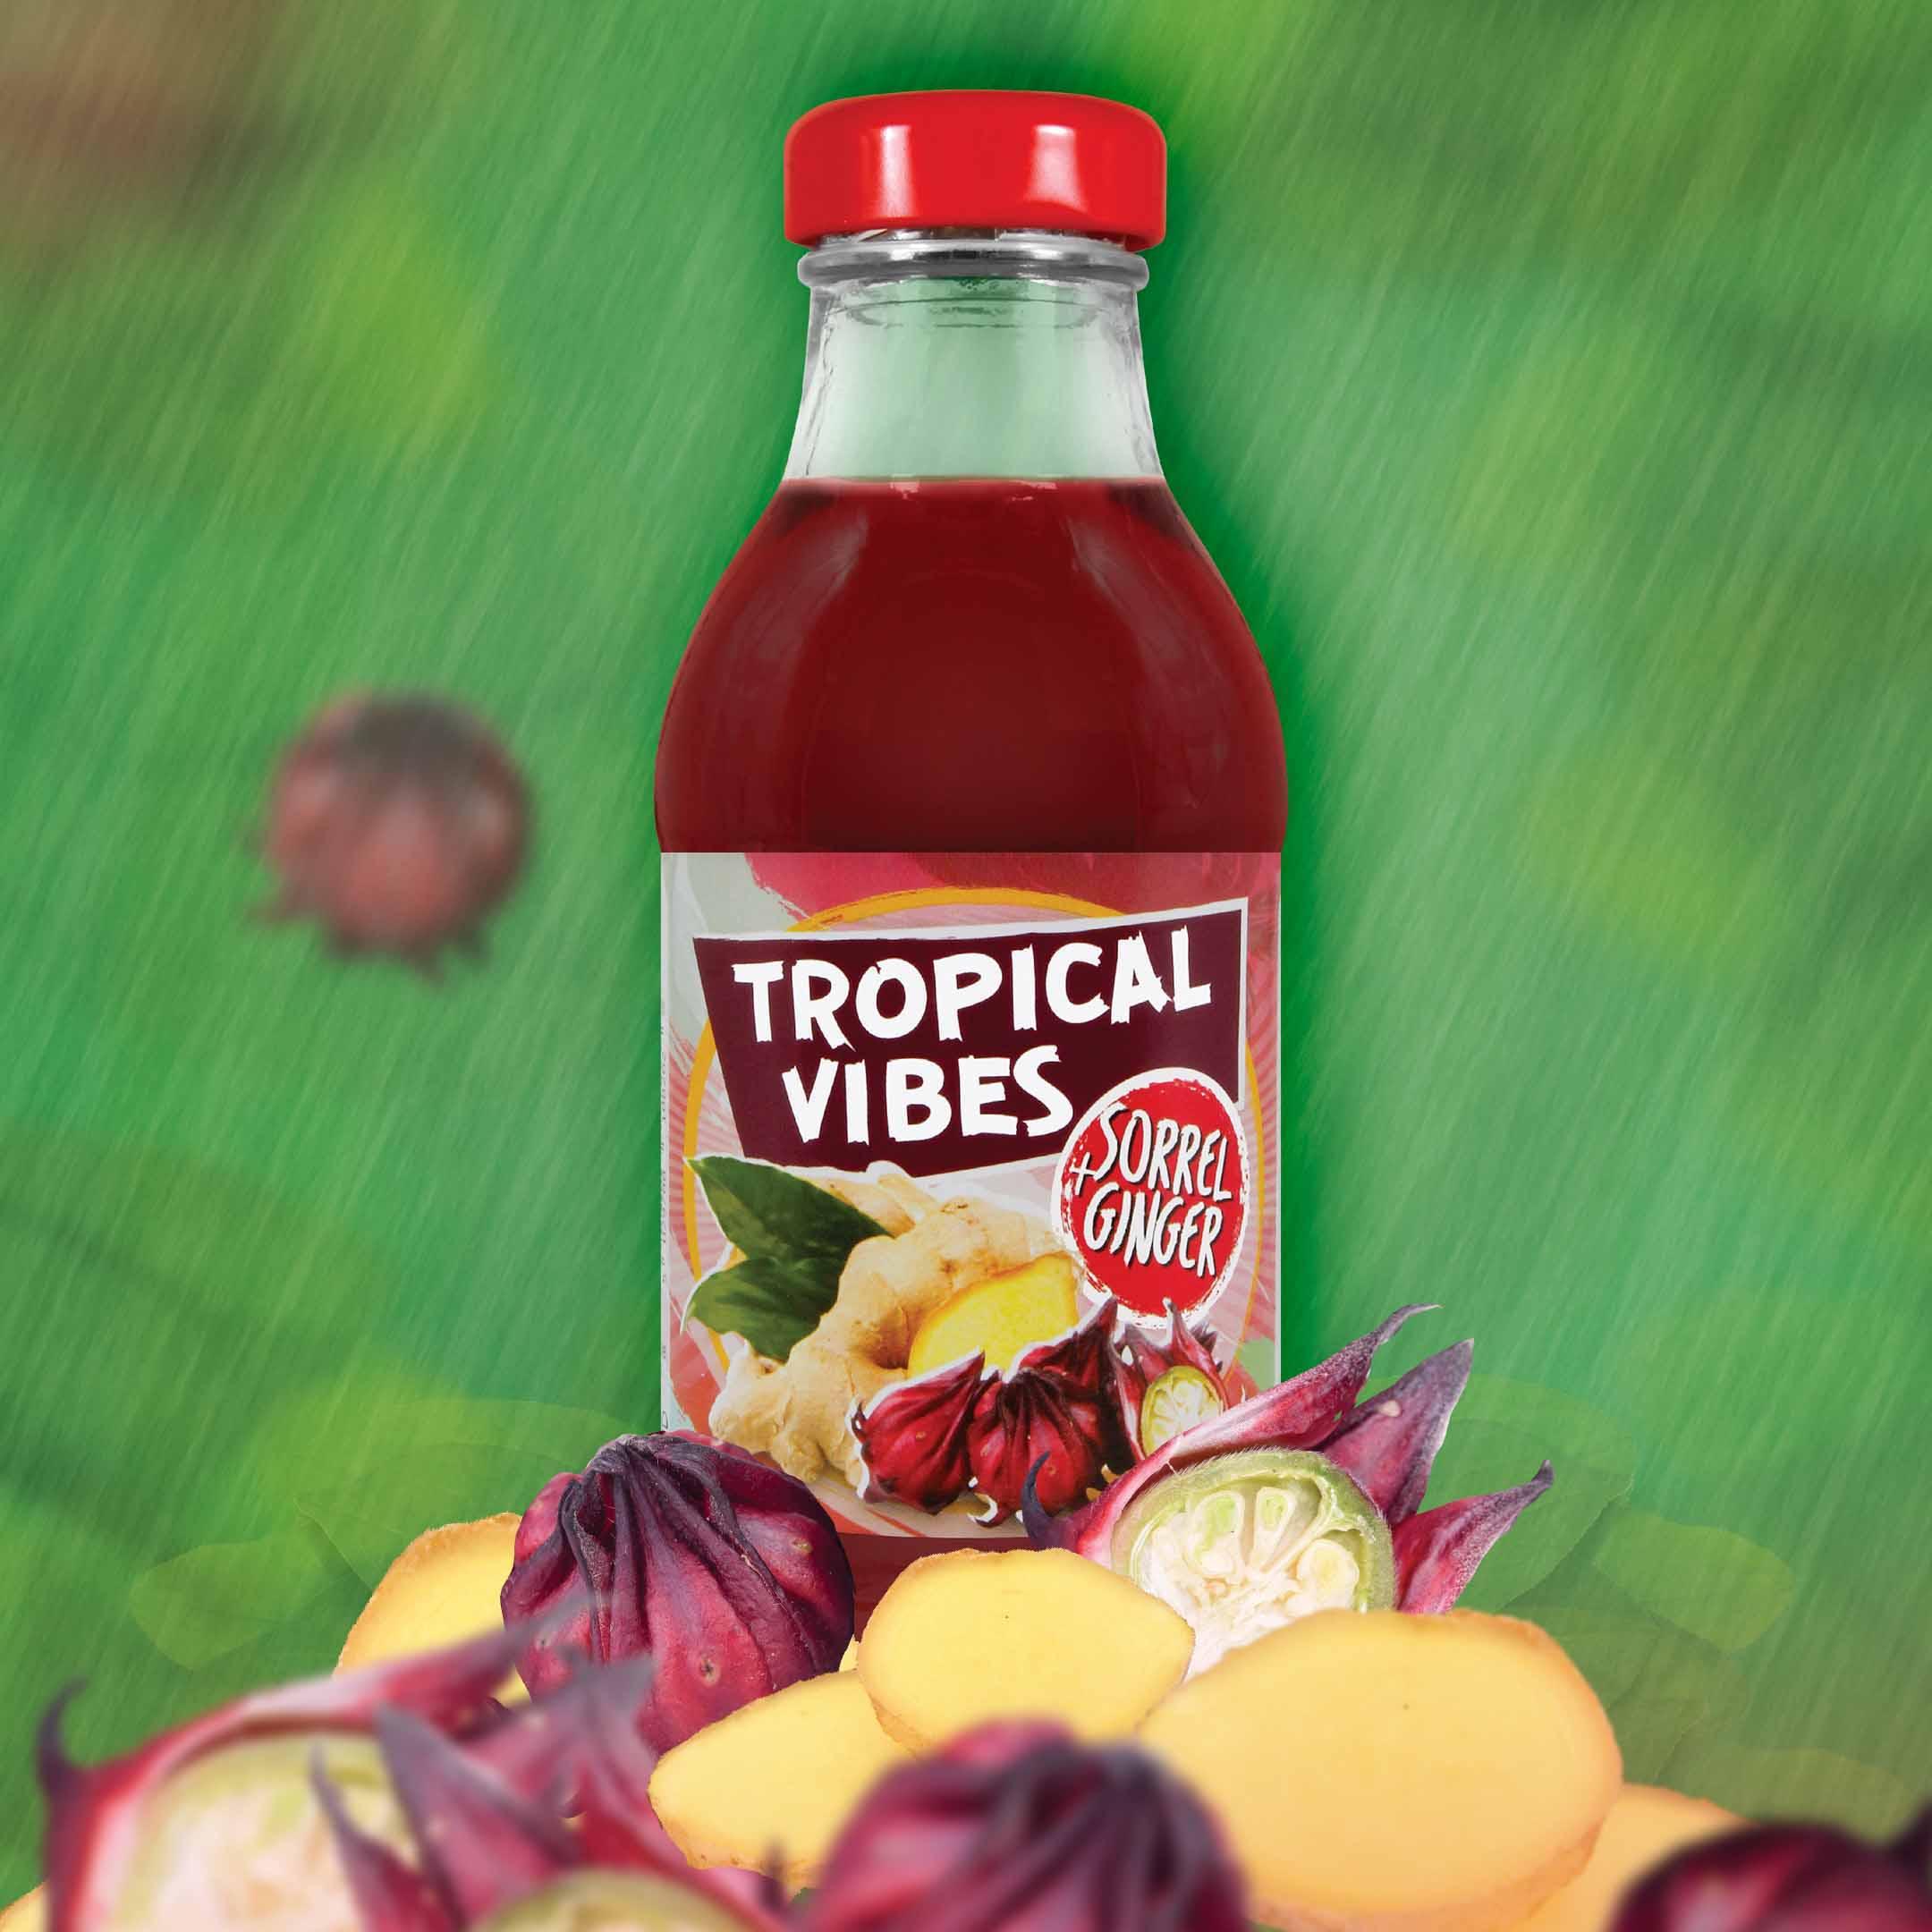 tropical vibes sorrel ginger drink